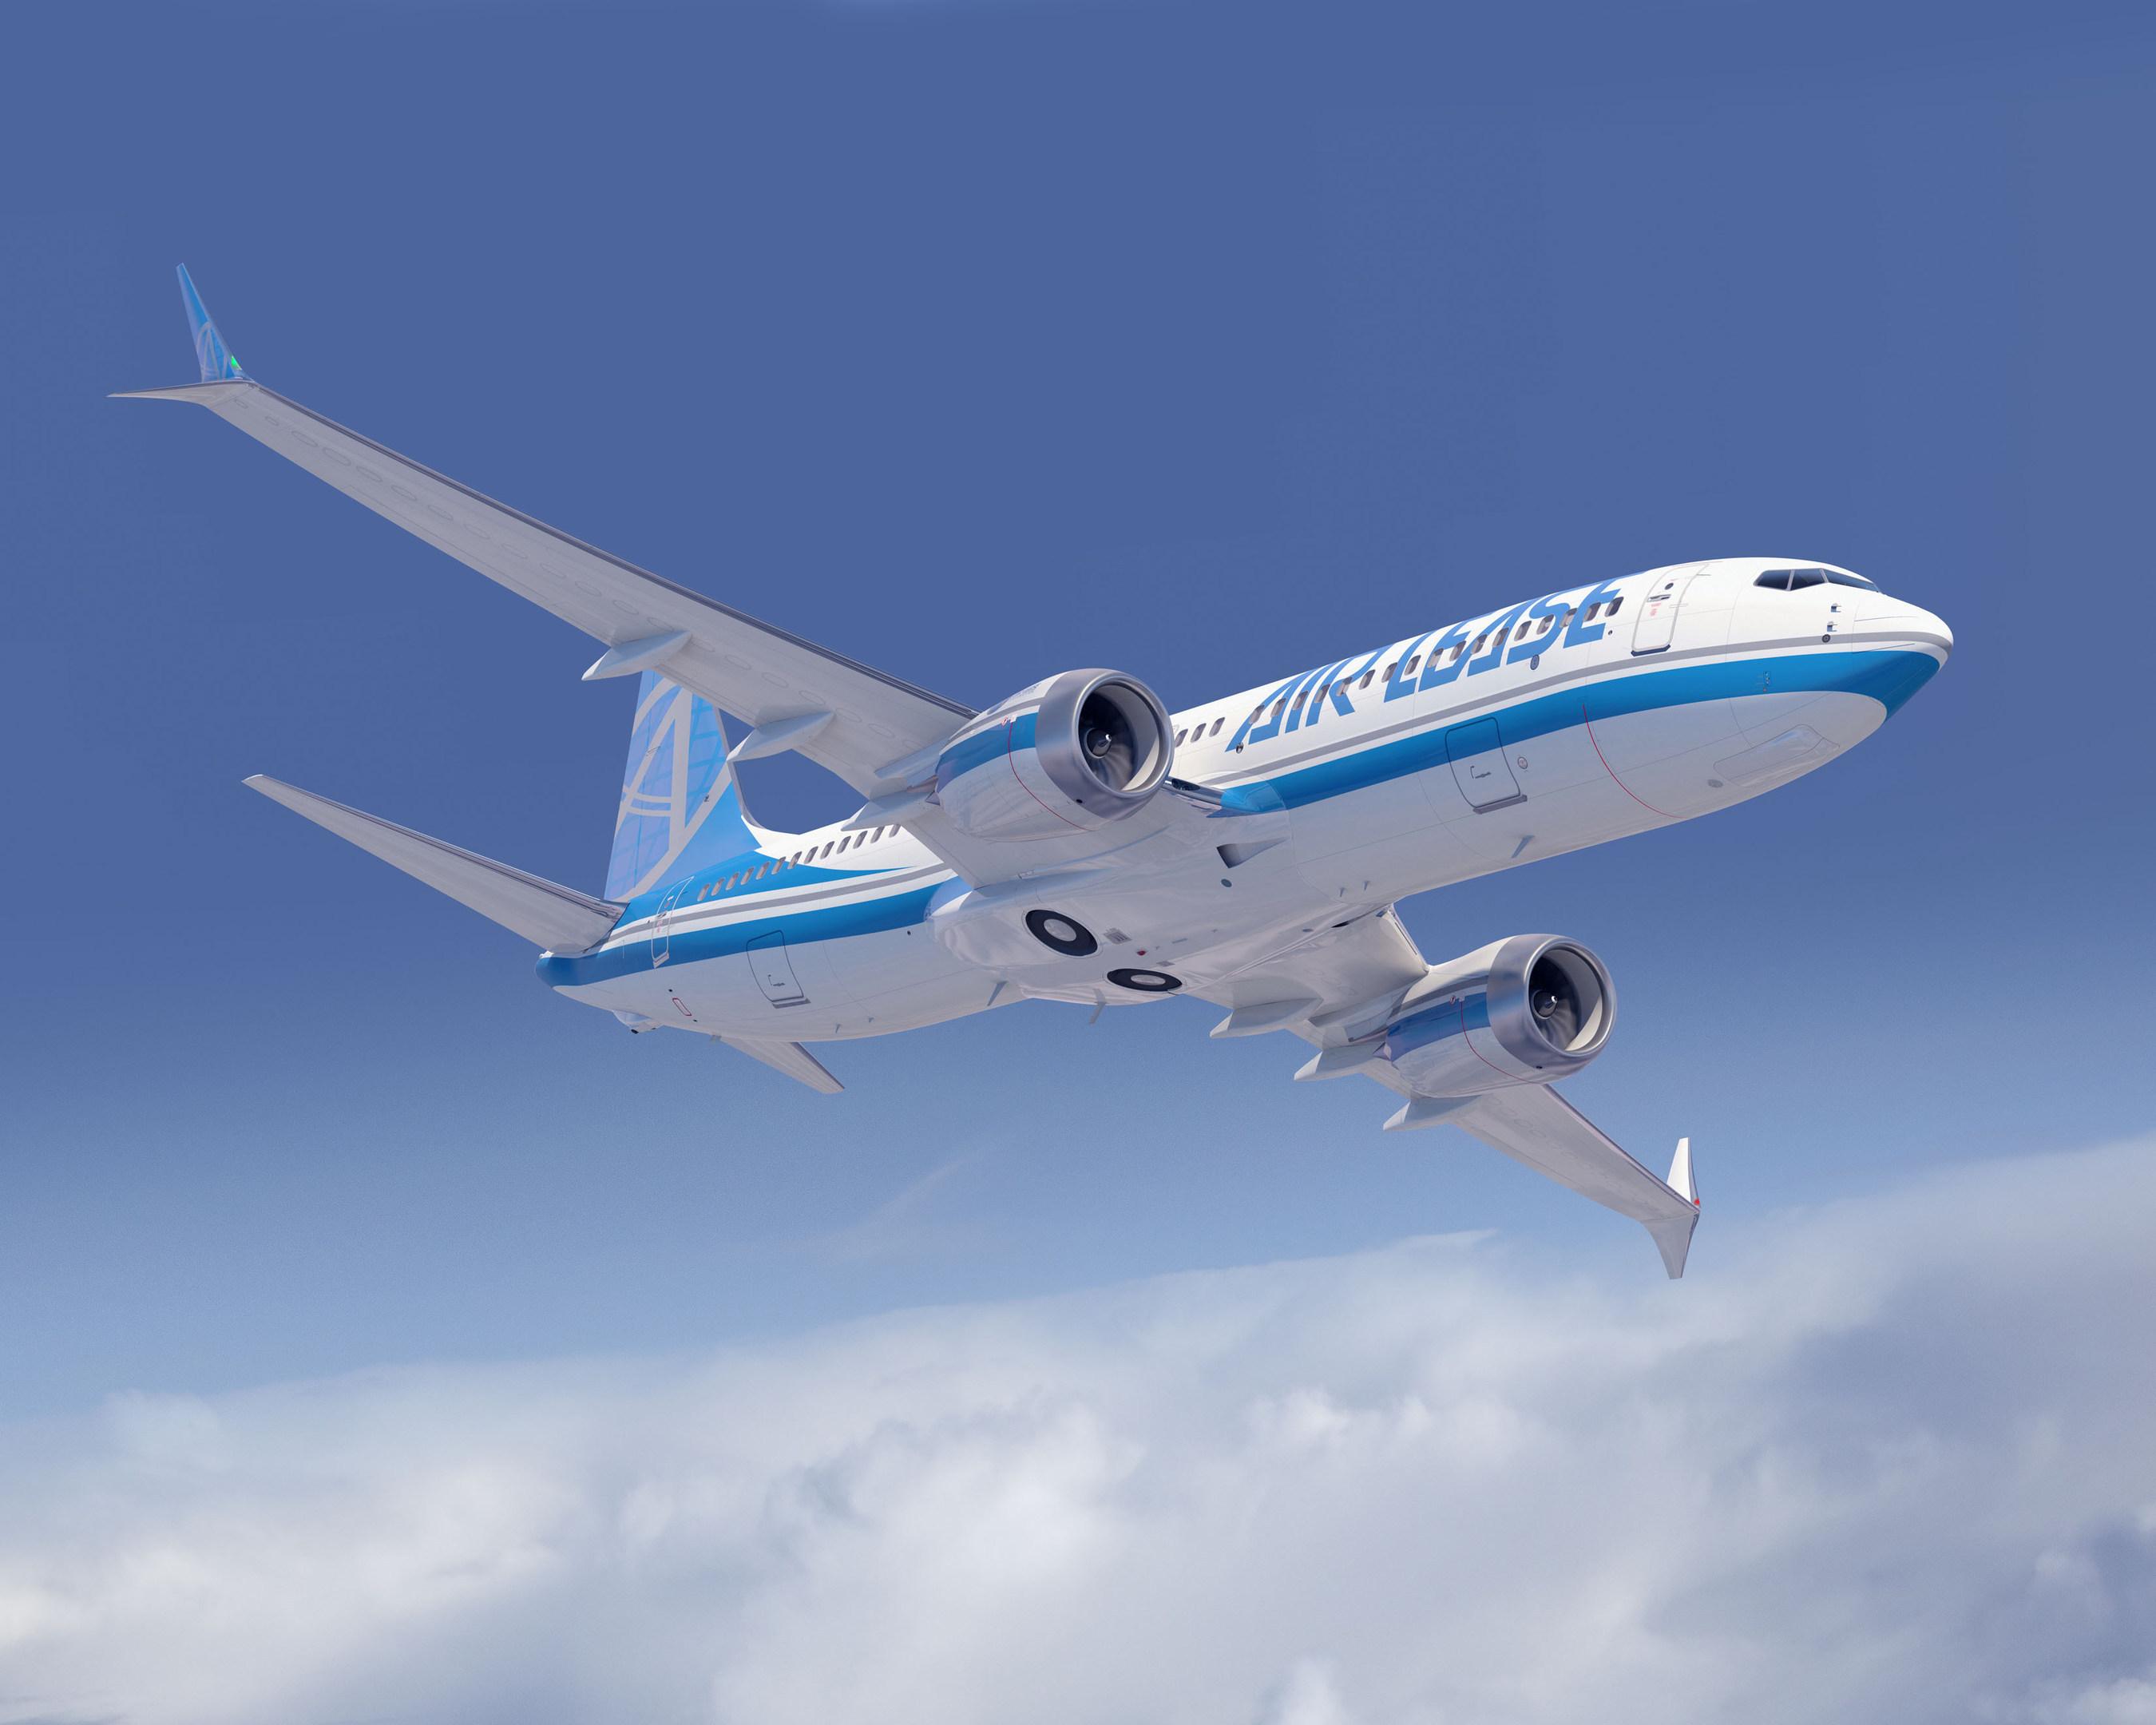 Resultado de imagen para air lease corporation Boeing 737 max